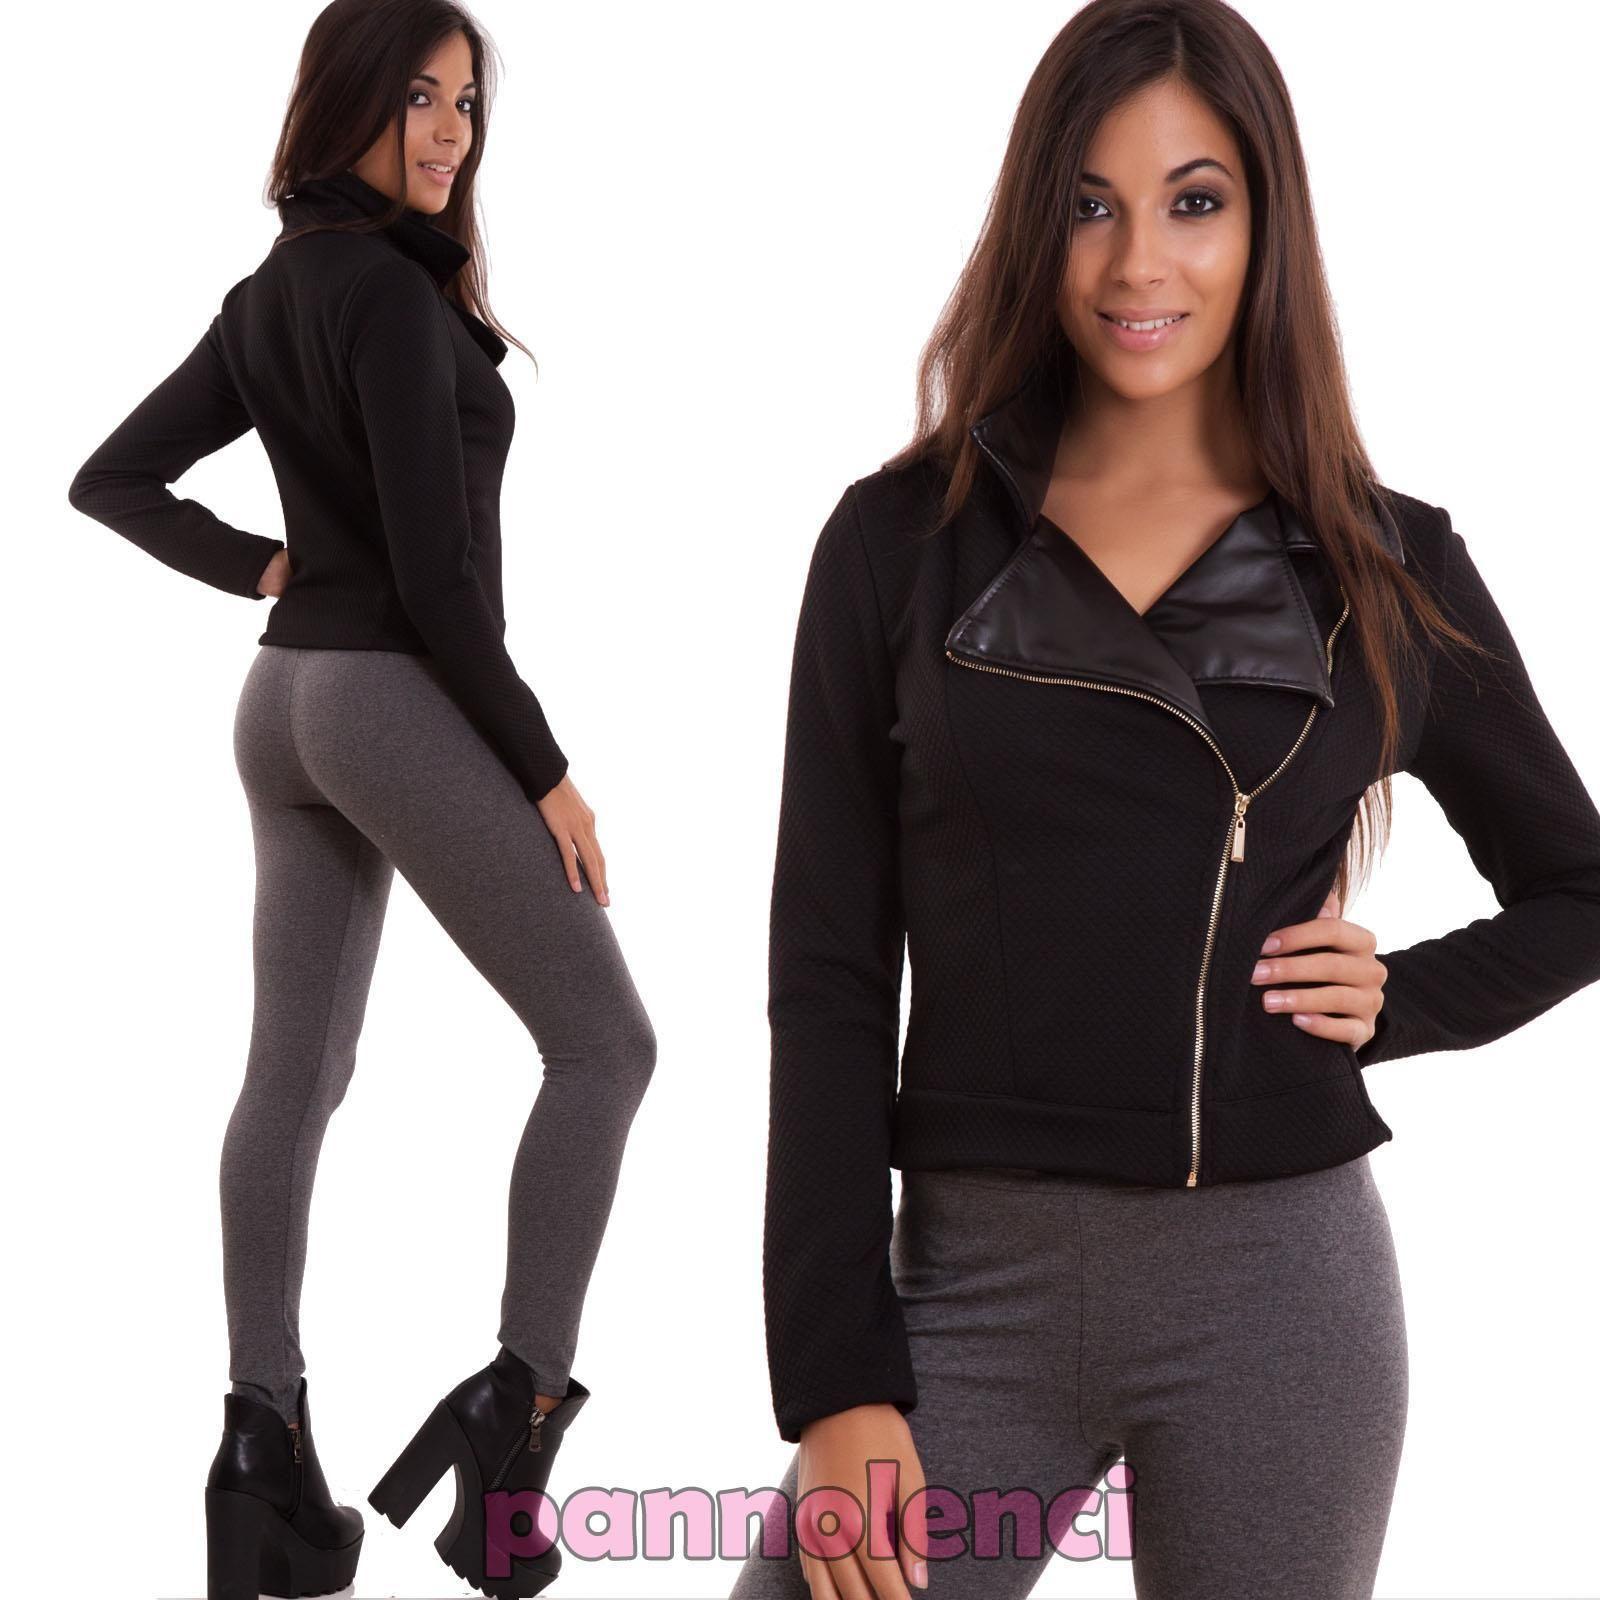 Giacca donna maglia zip nera maniche lunghe stile chiodo sexy nuova CR-1787